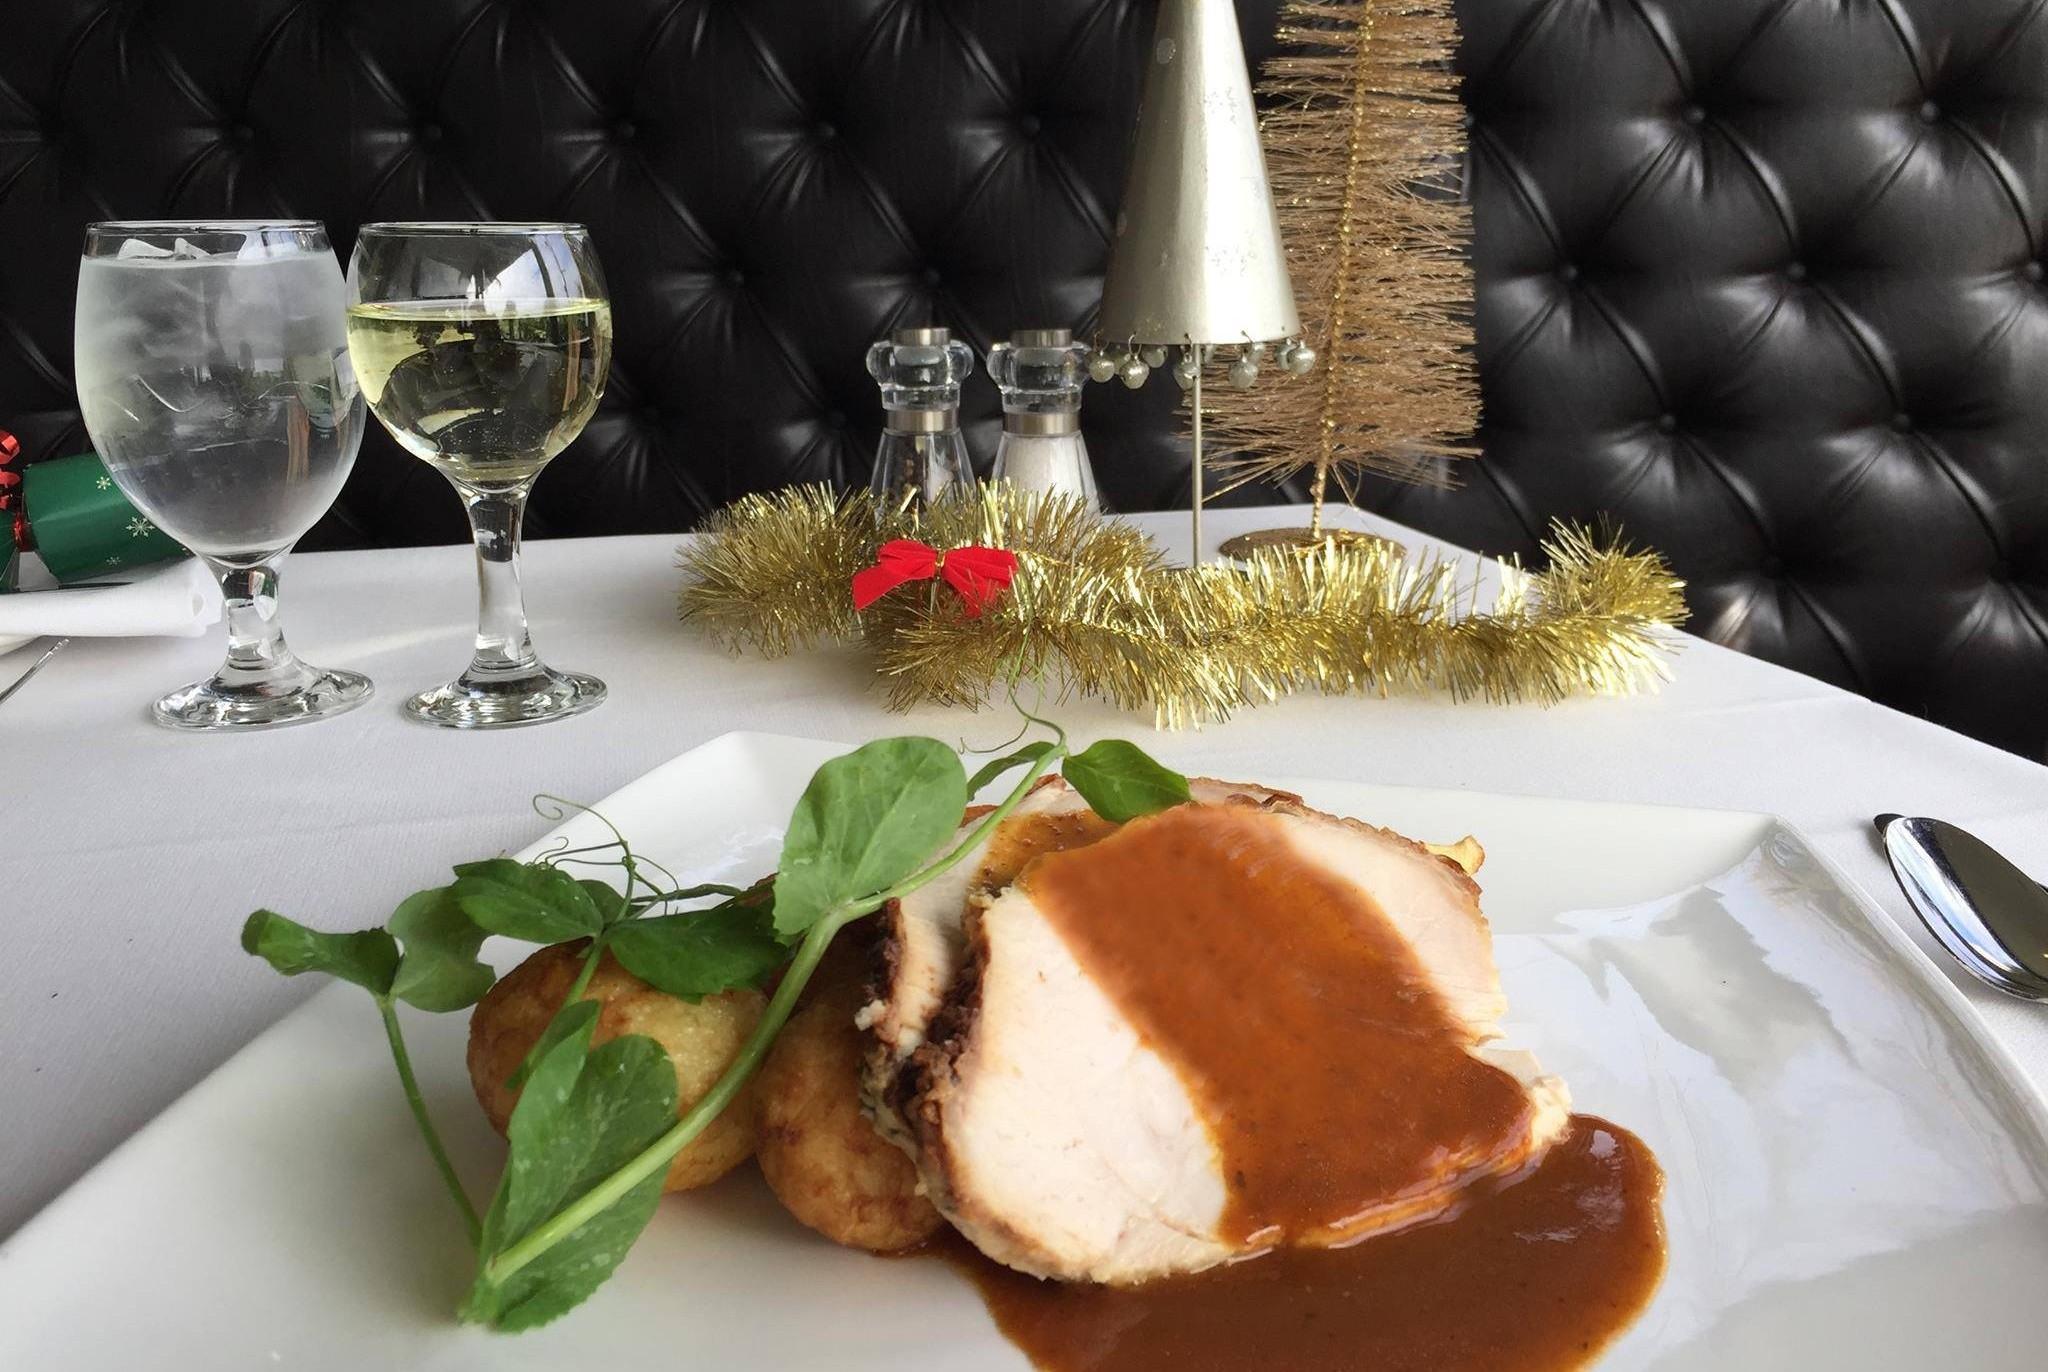 Juicy roast turkey, freshly carved